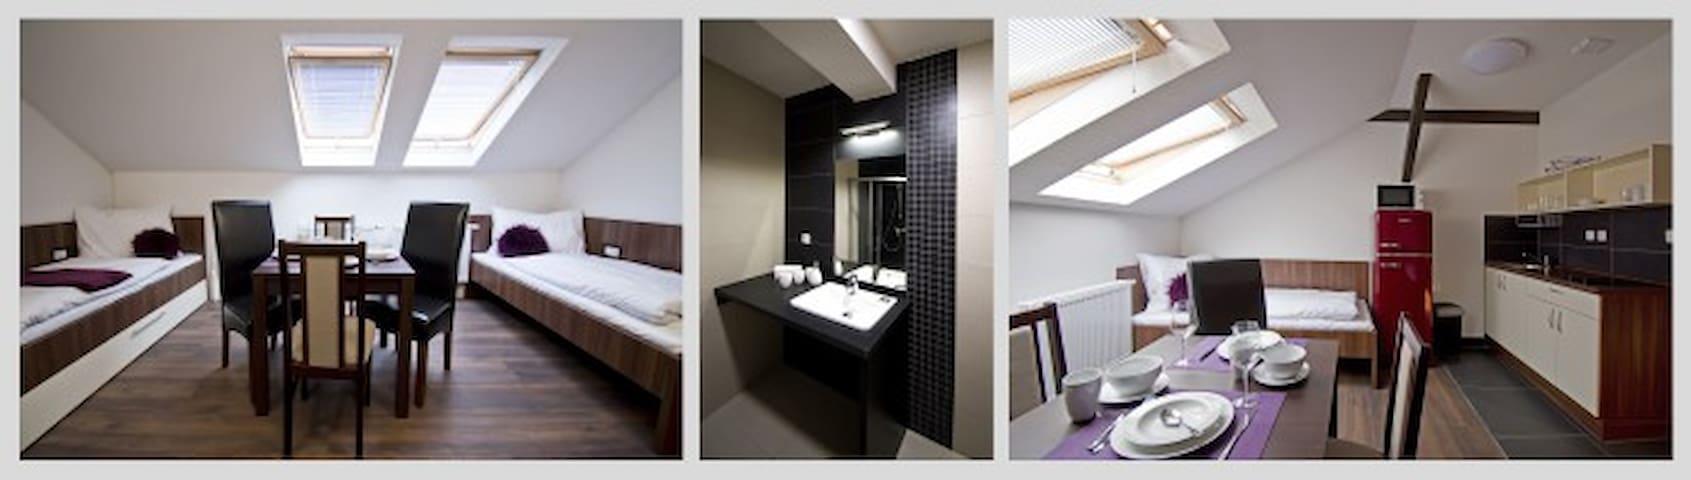 Nově zrekonstruovaný apartmán KAMILA